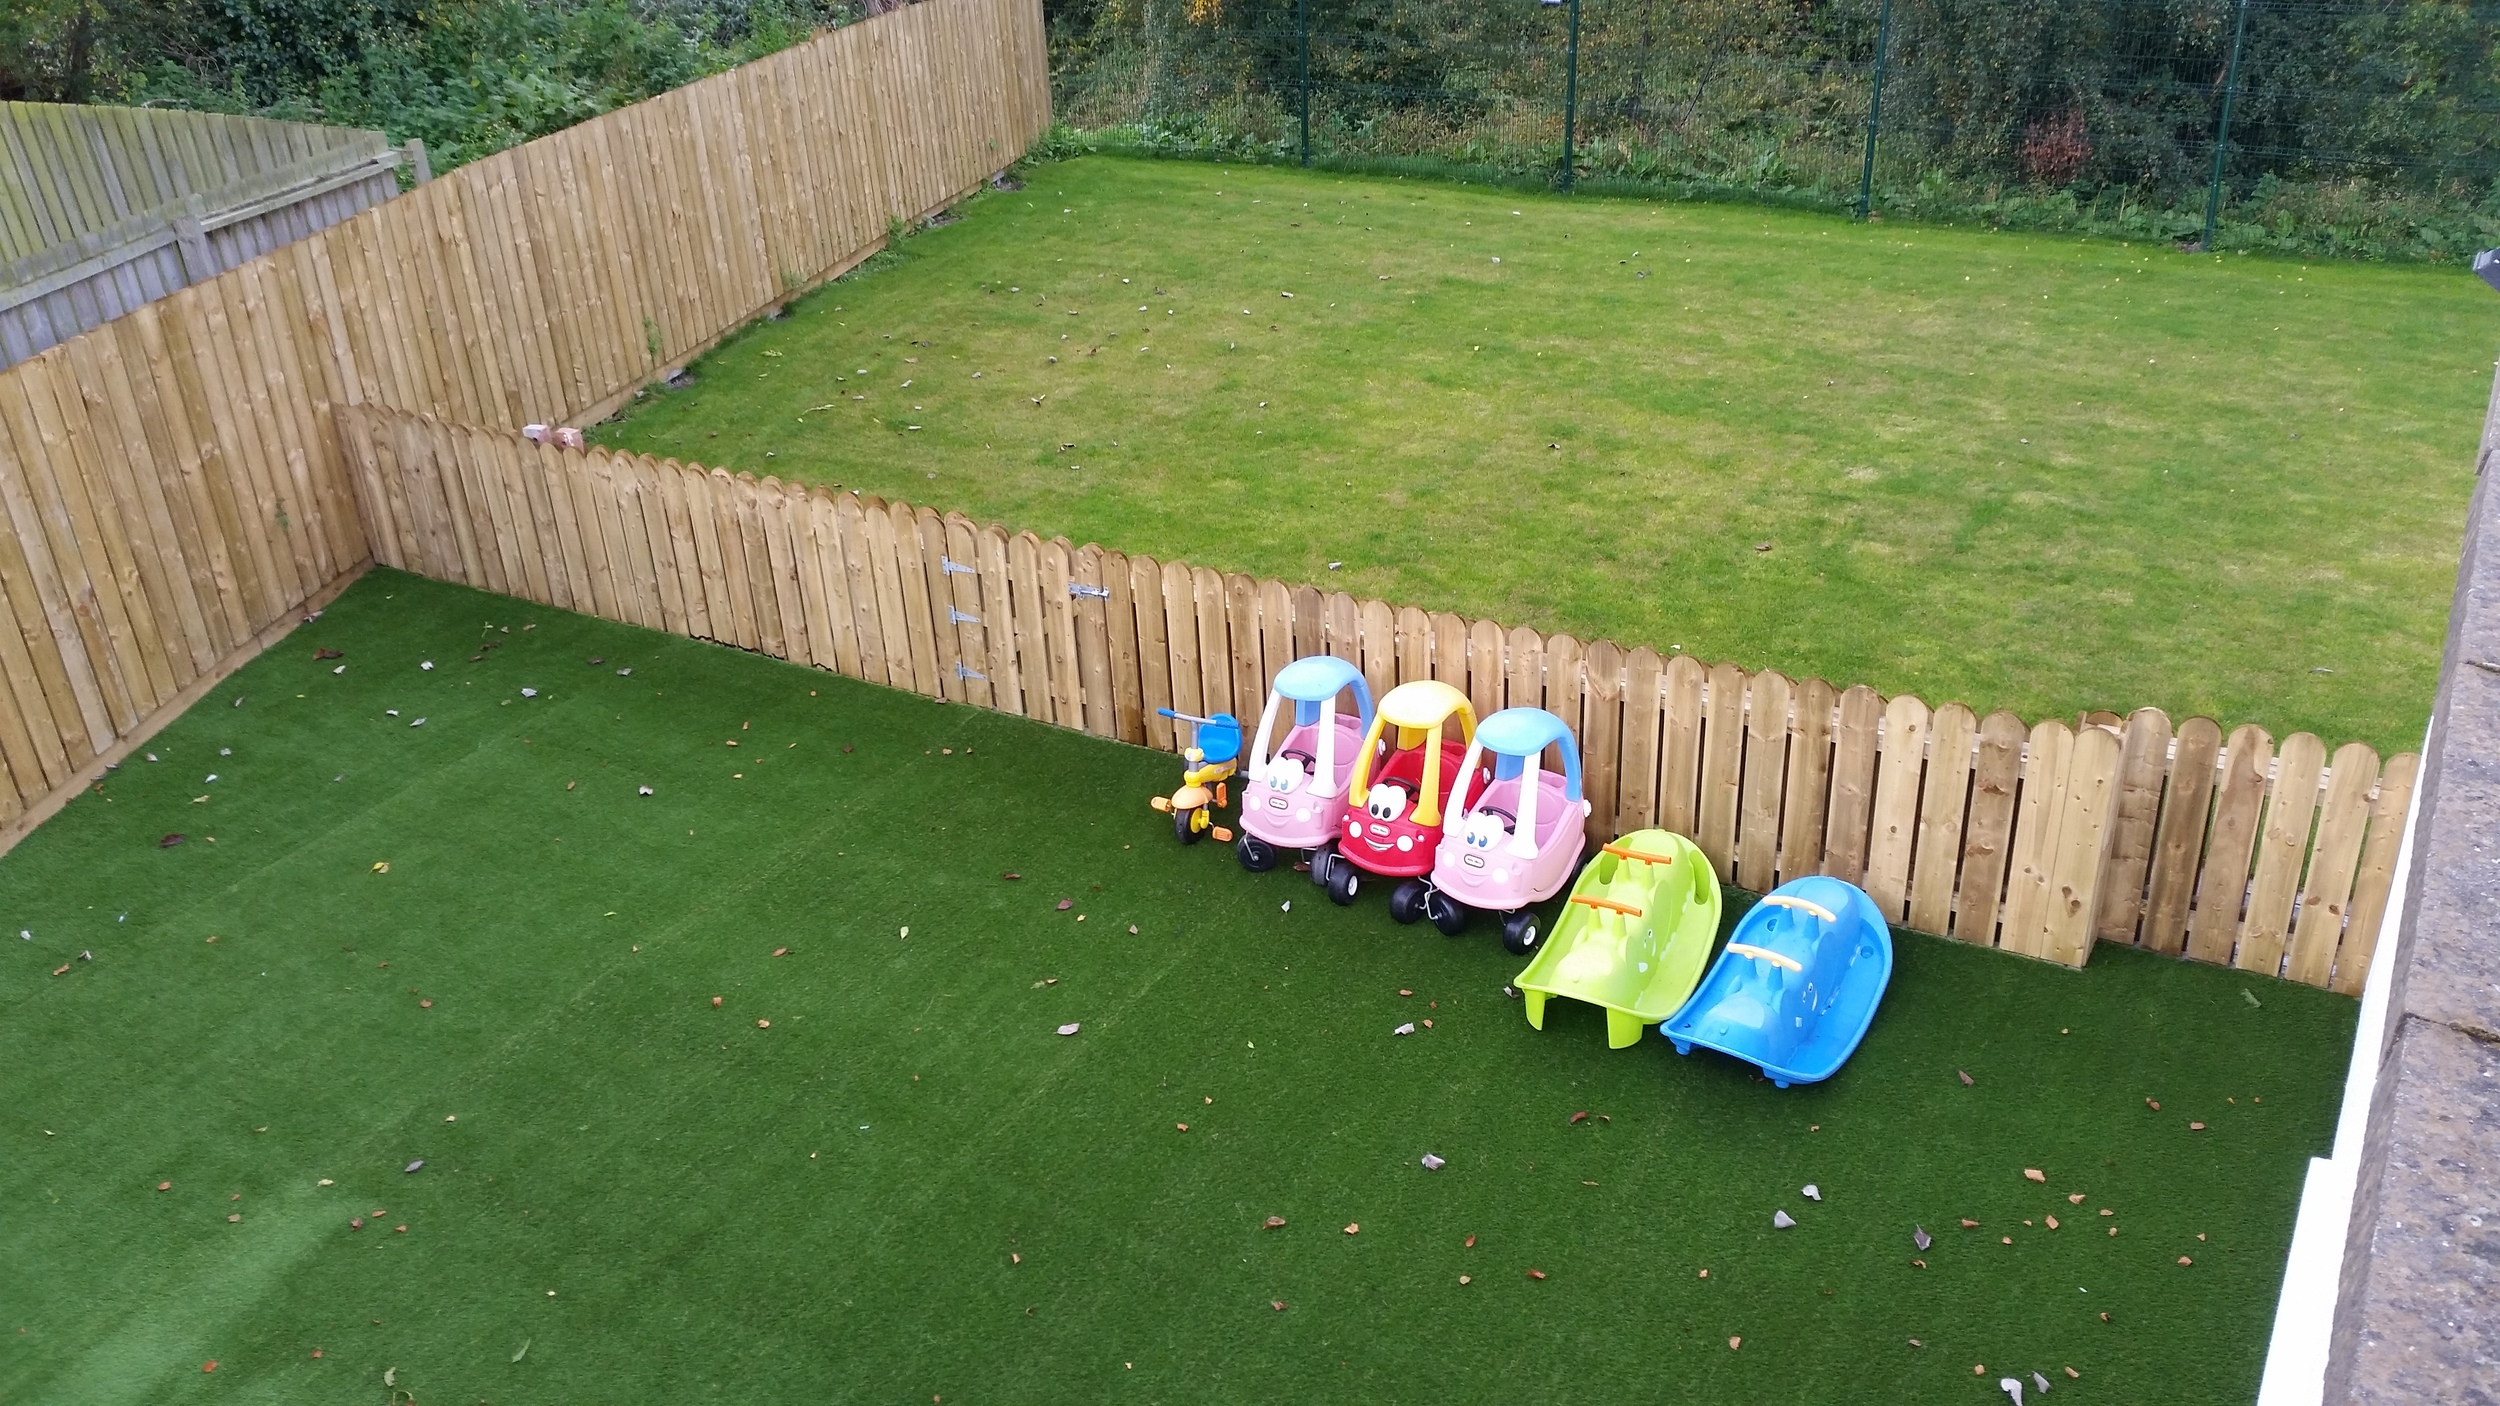 Childcare Preschool Co. Down